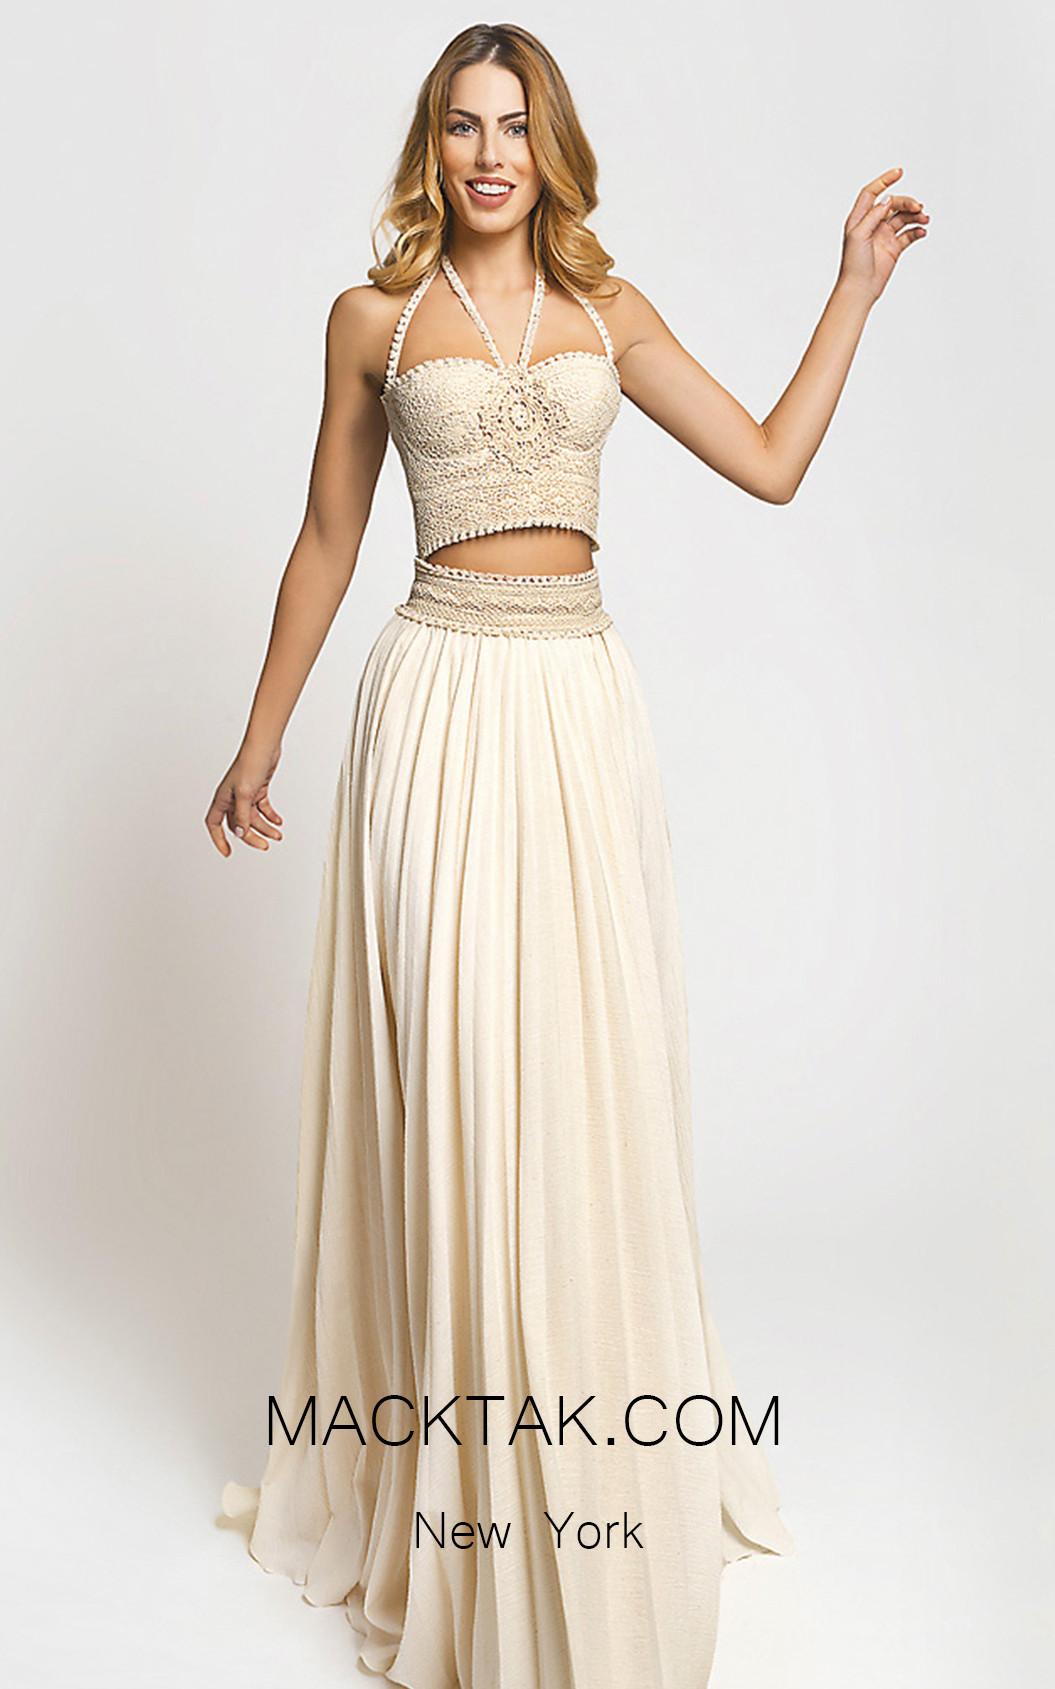 Zolotas Atelier Anemone Evening Dress